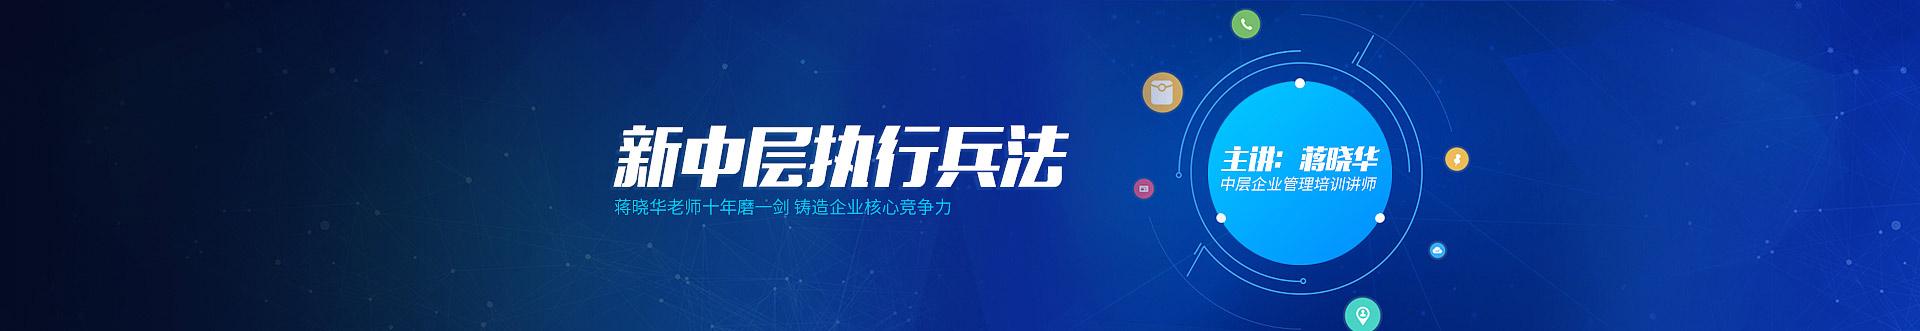 蒋晓华vwin德赢平台管理vwin德赢官方讲师